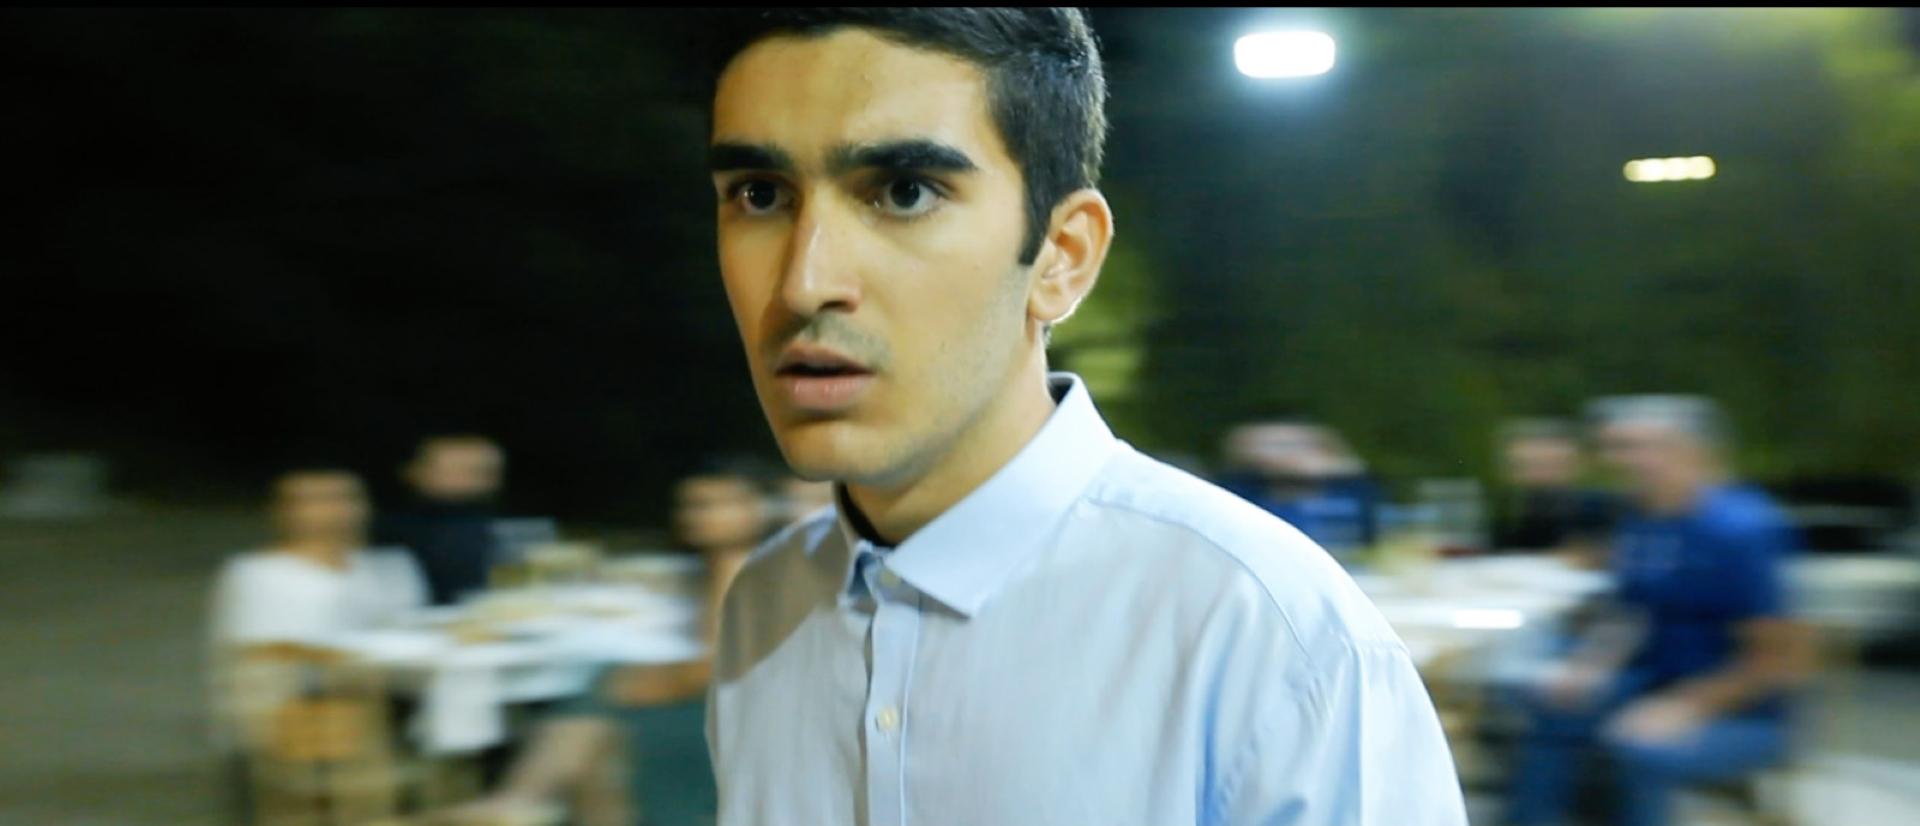 «Στροφές»: Ταινία μικρού μήκους για την χρήση αλκοόλ από ανηλίκους